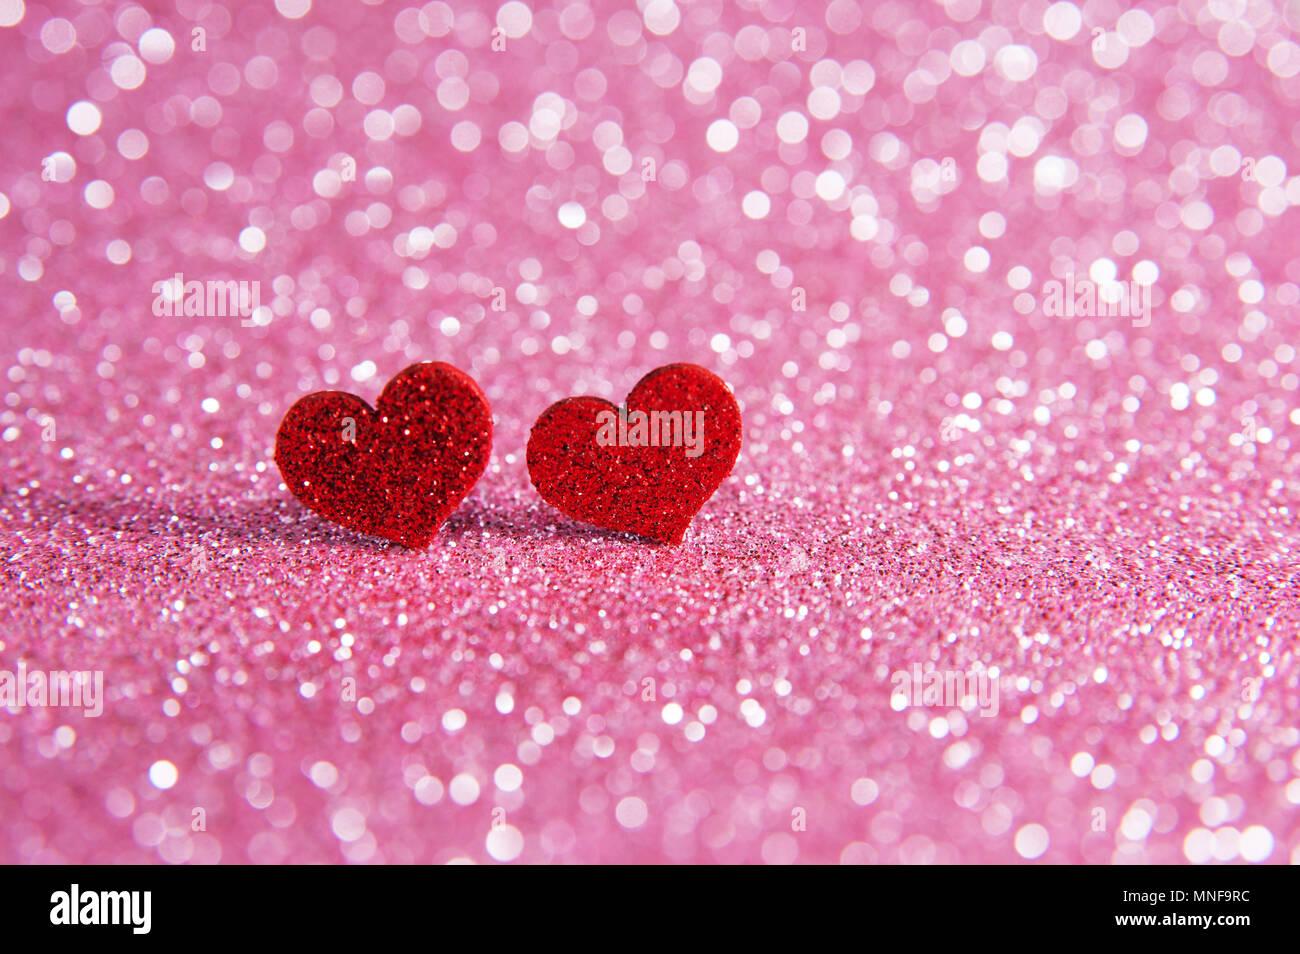 Sfondo Glitter Rosa Immagini Sfondo Glitter Rosa Fotos Stock Alamy